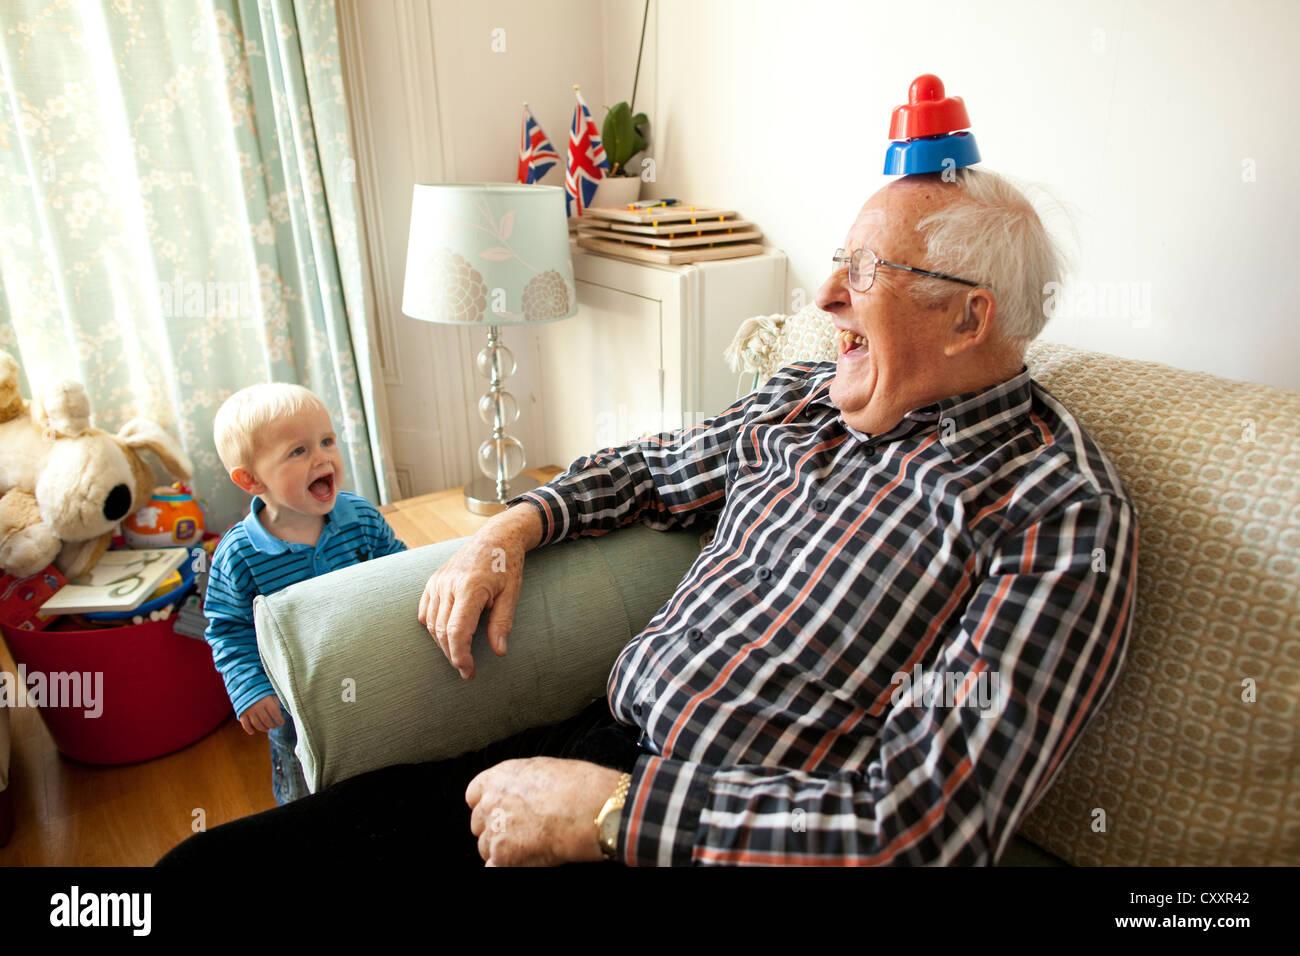 Großvater Spaß mit Enkel zu Hause im Wohnzimmer, da mehr Großeltern zur Betreuung ihrer Enkel, UK Stockbild